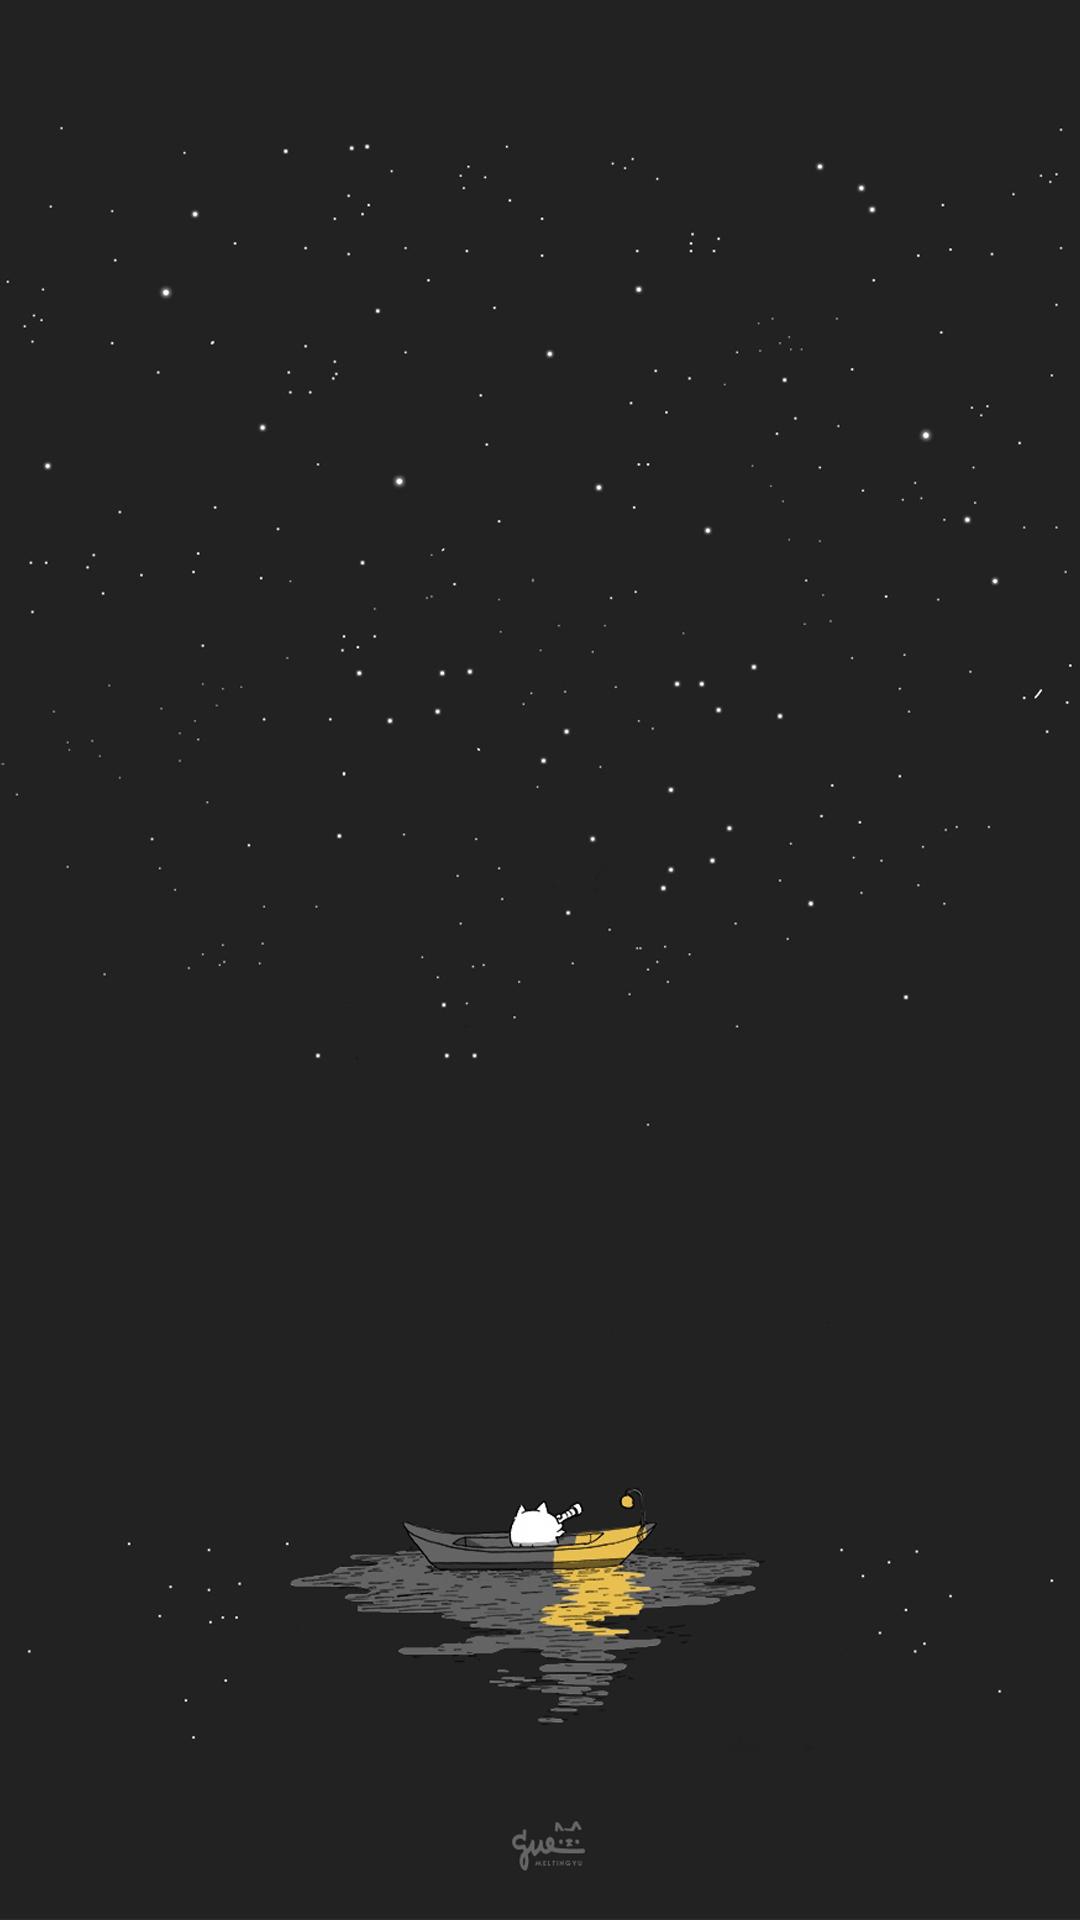 插畫 手繪 夜空 星空 船 黑色 蘋果手機高清壁紙 1080